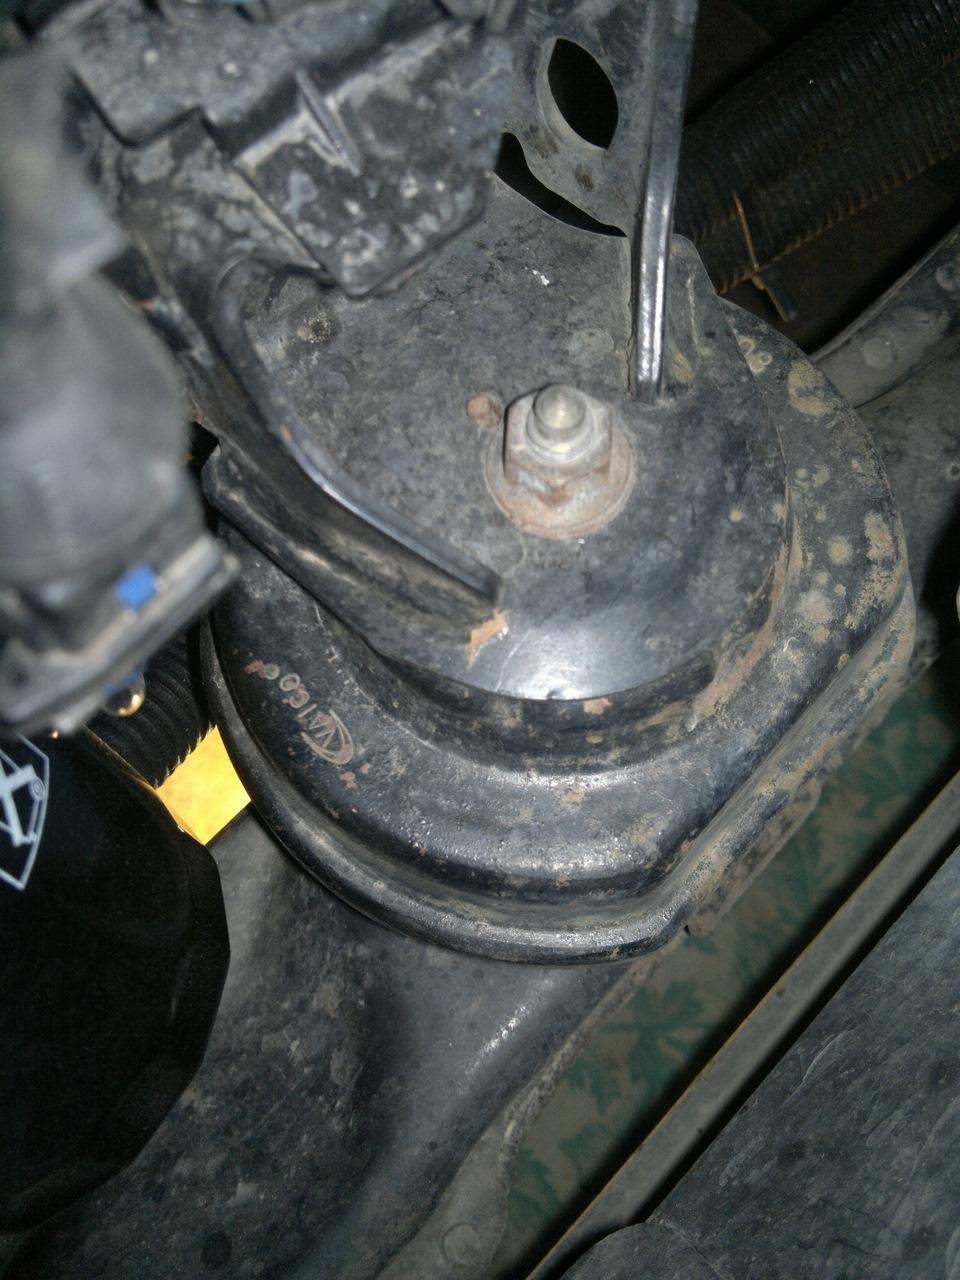 Как заменить опору двигателя на амулет запчасти на чери амулет на жукова